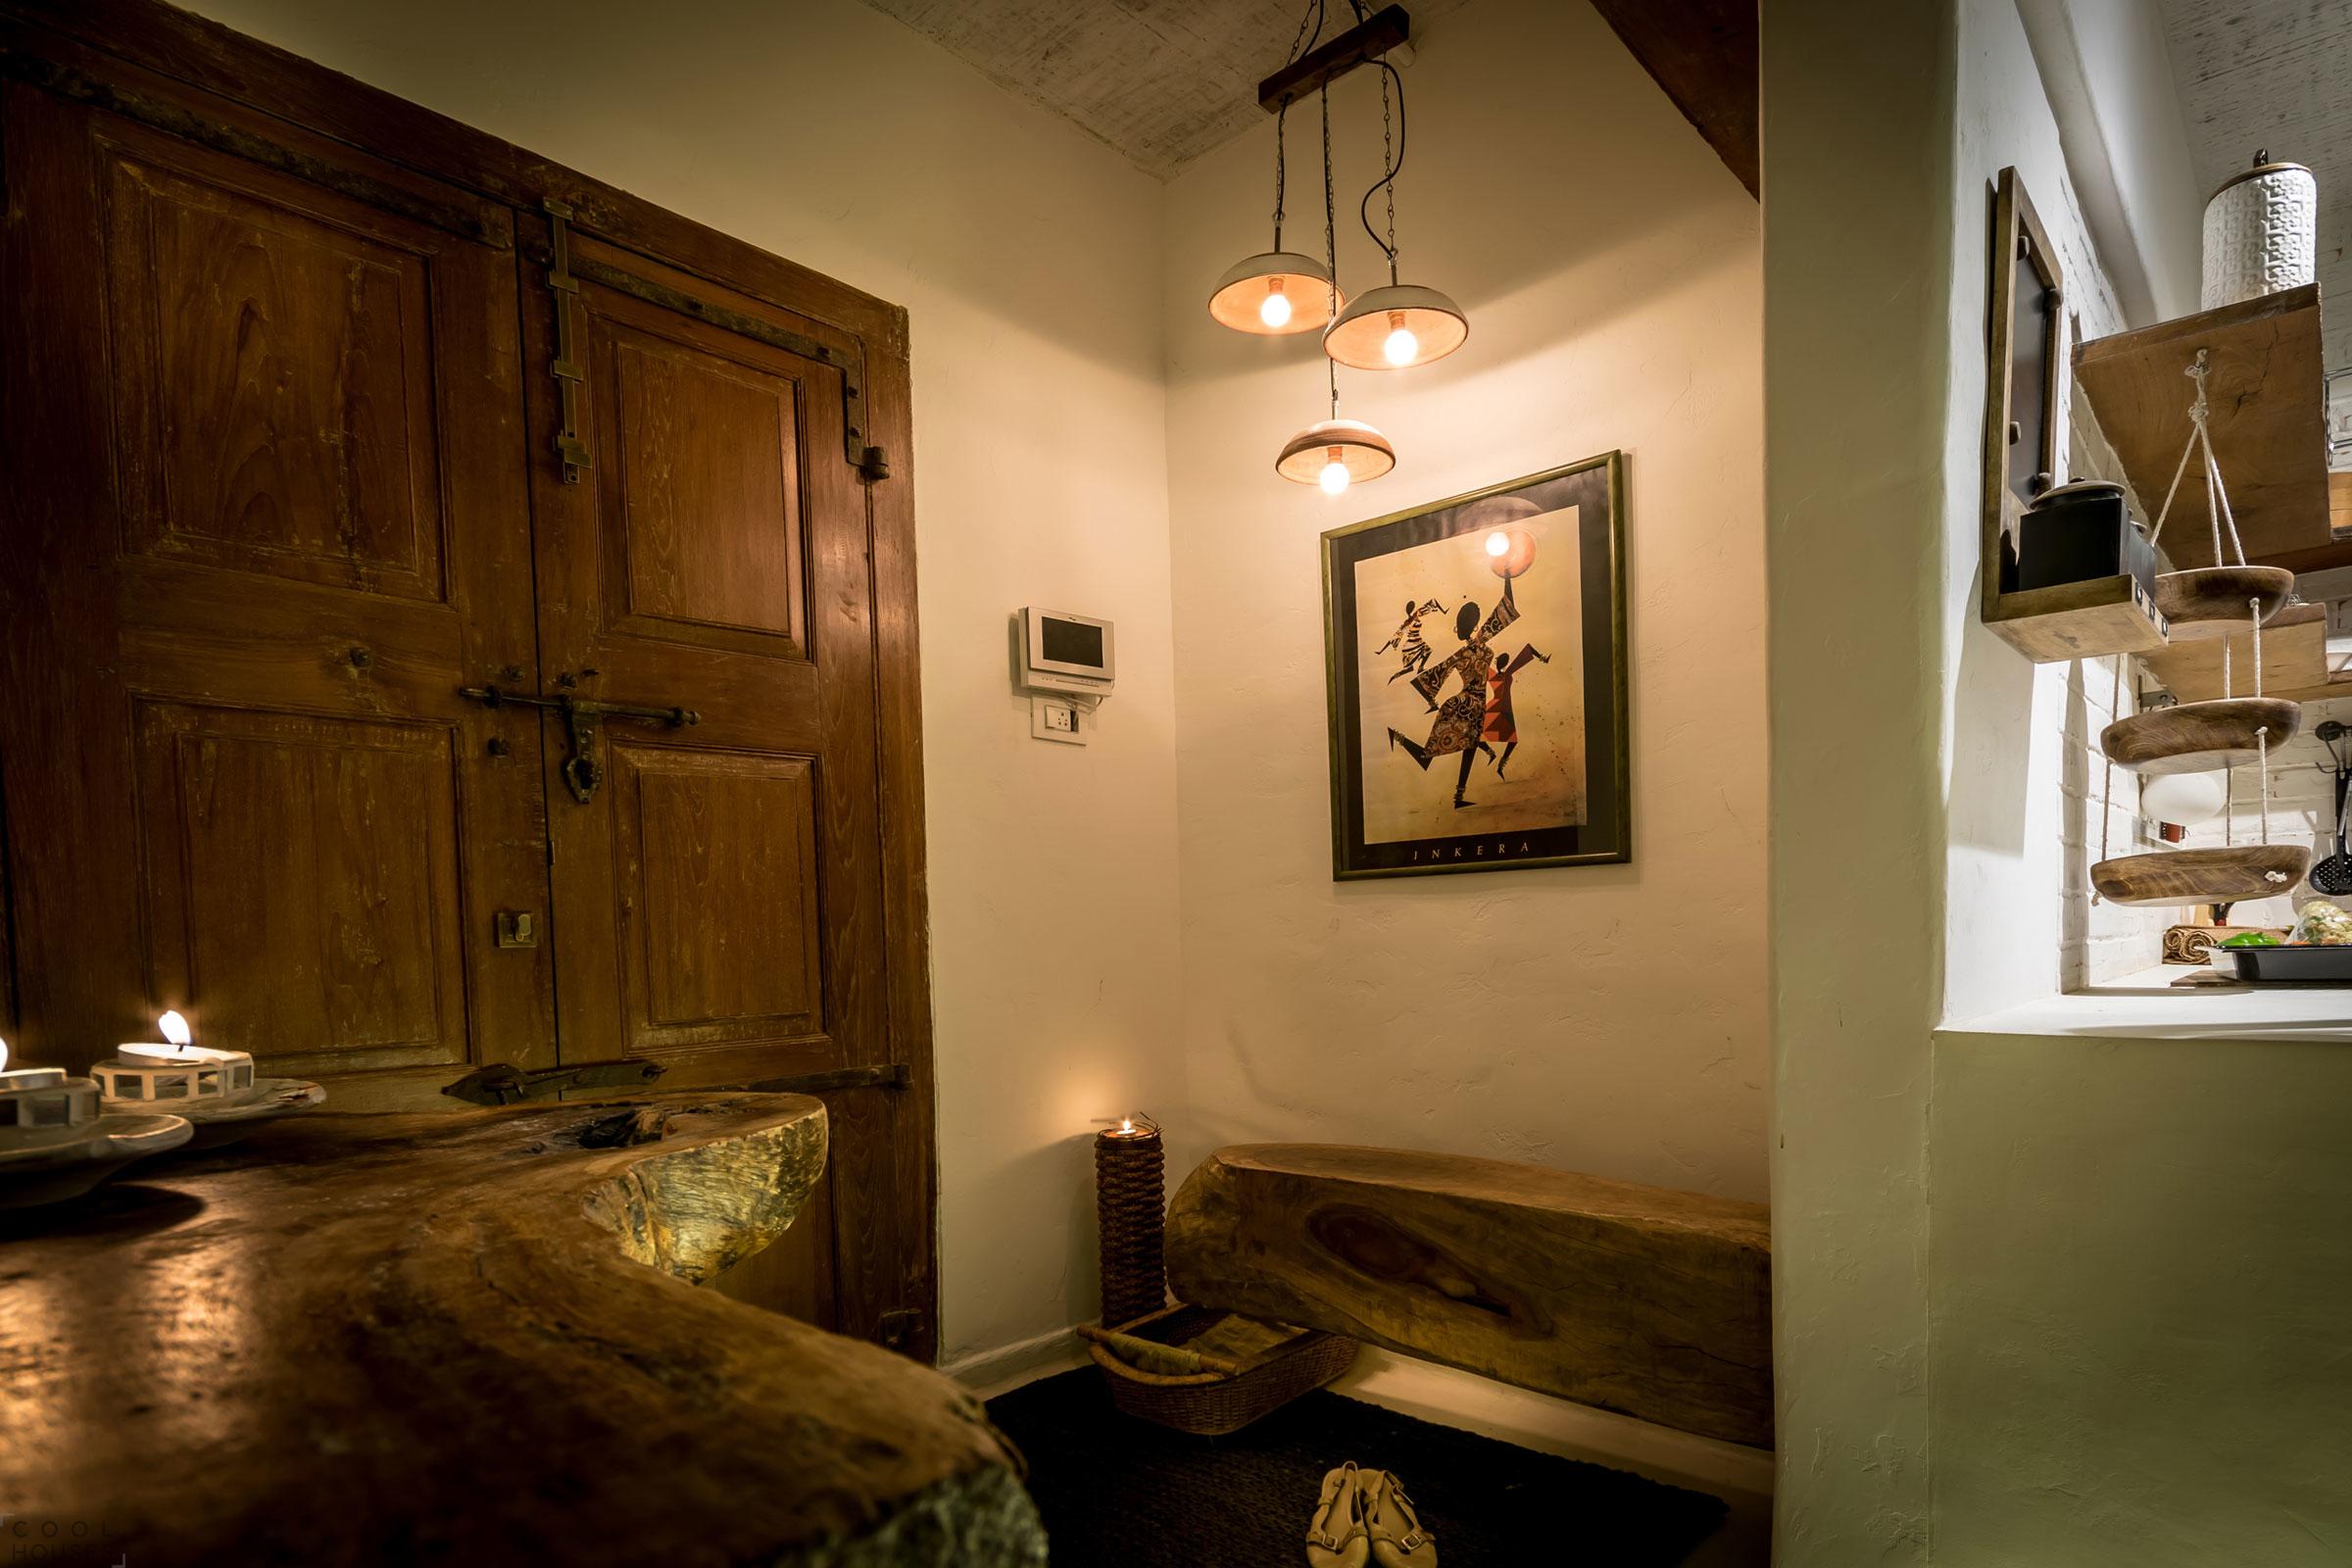 Резиденция с гламурным дизайном в Джуху, Индия